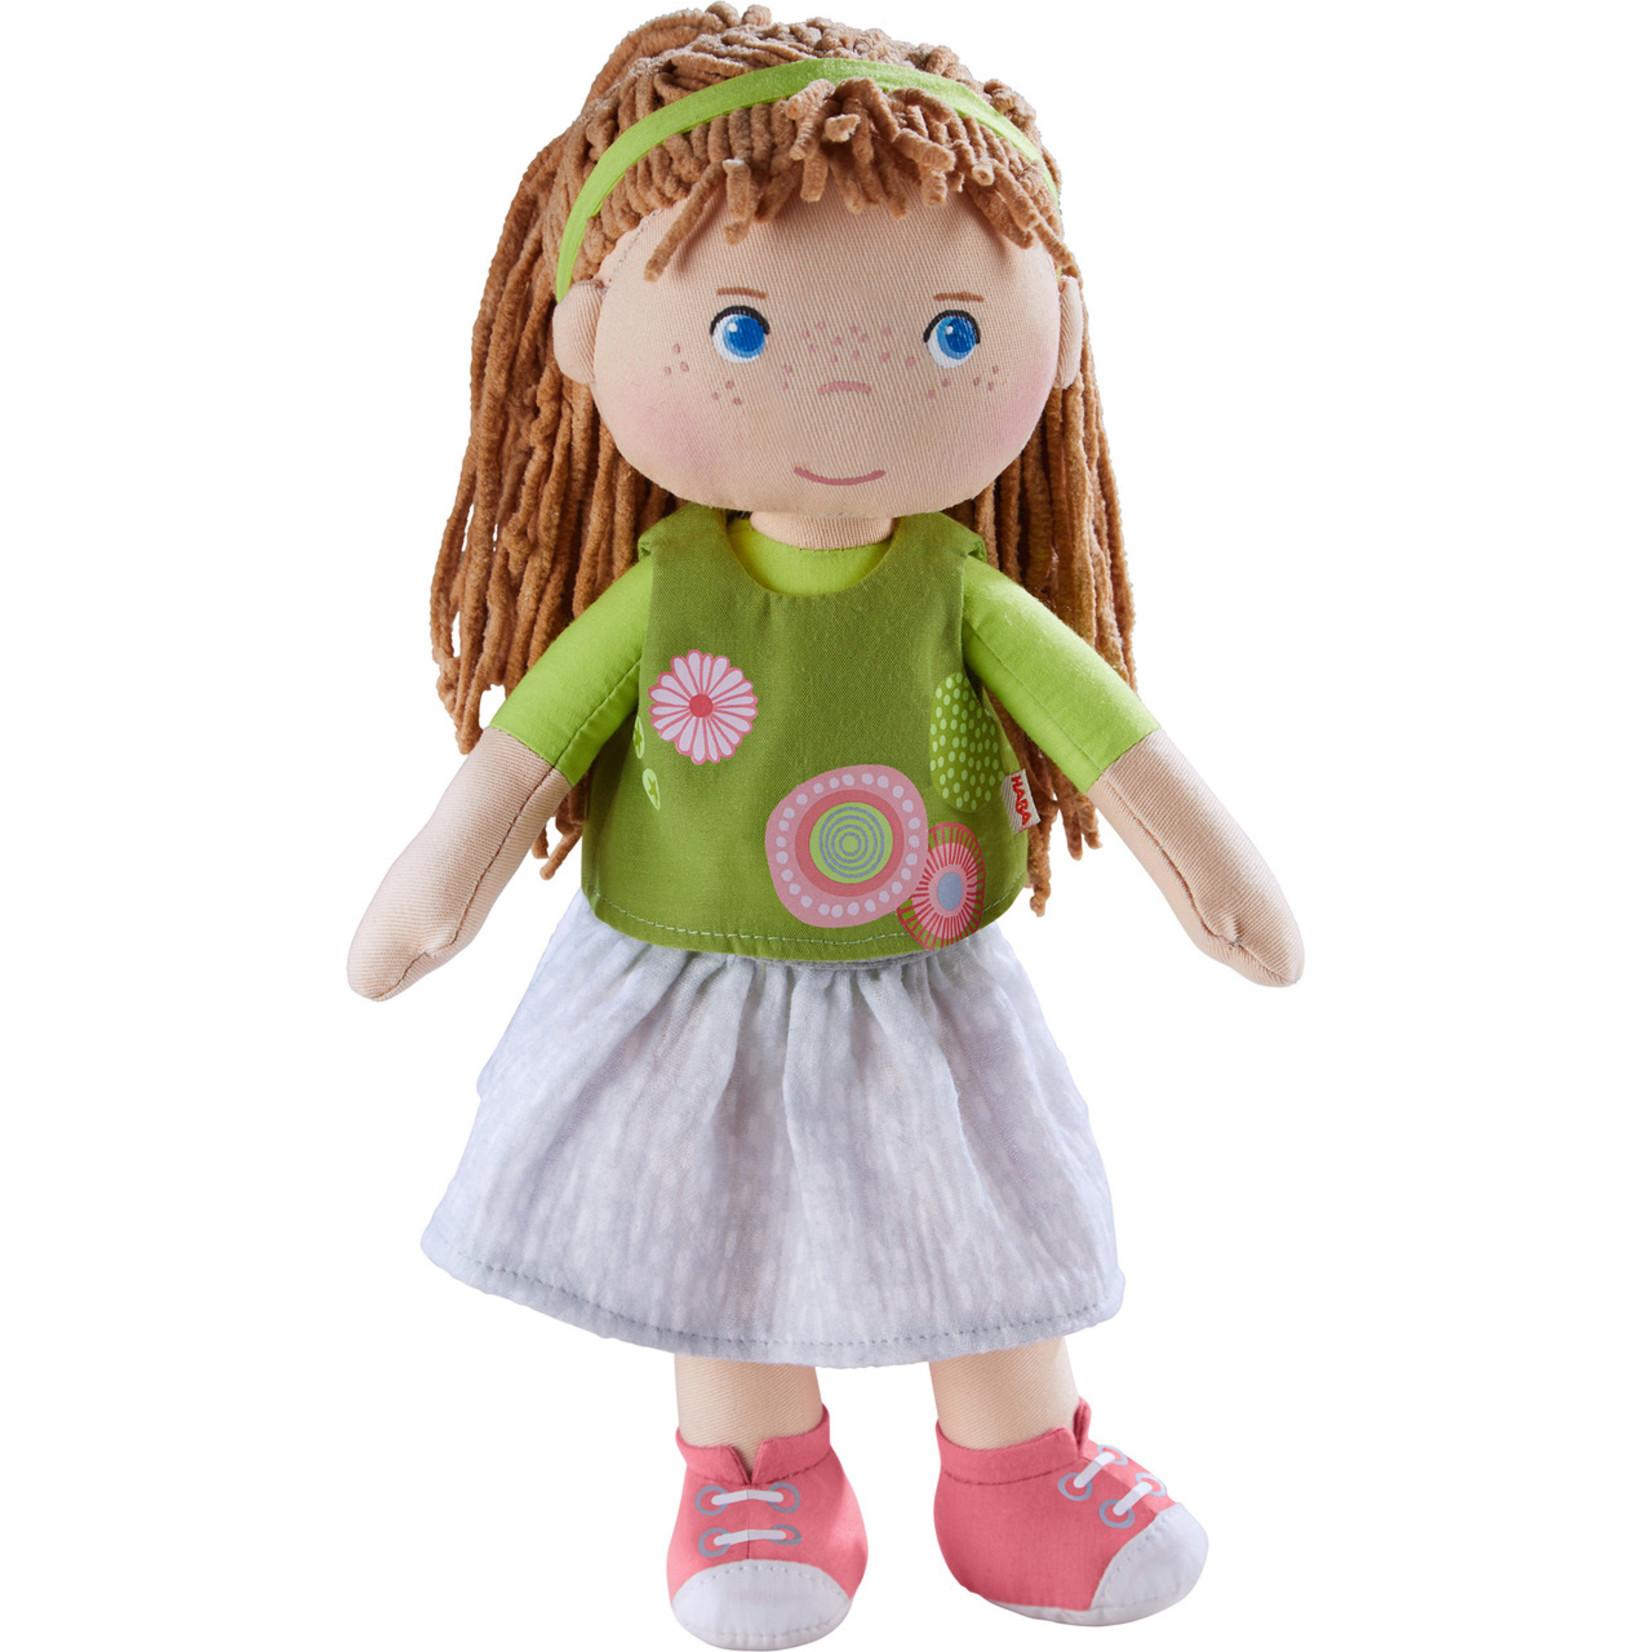 Haba Doll Hedda